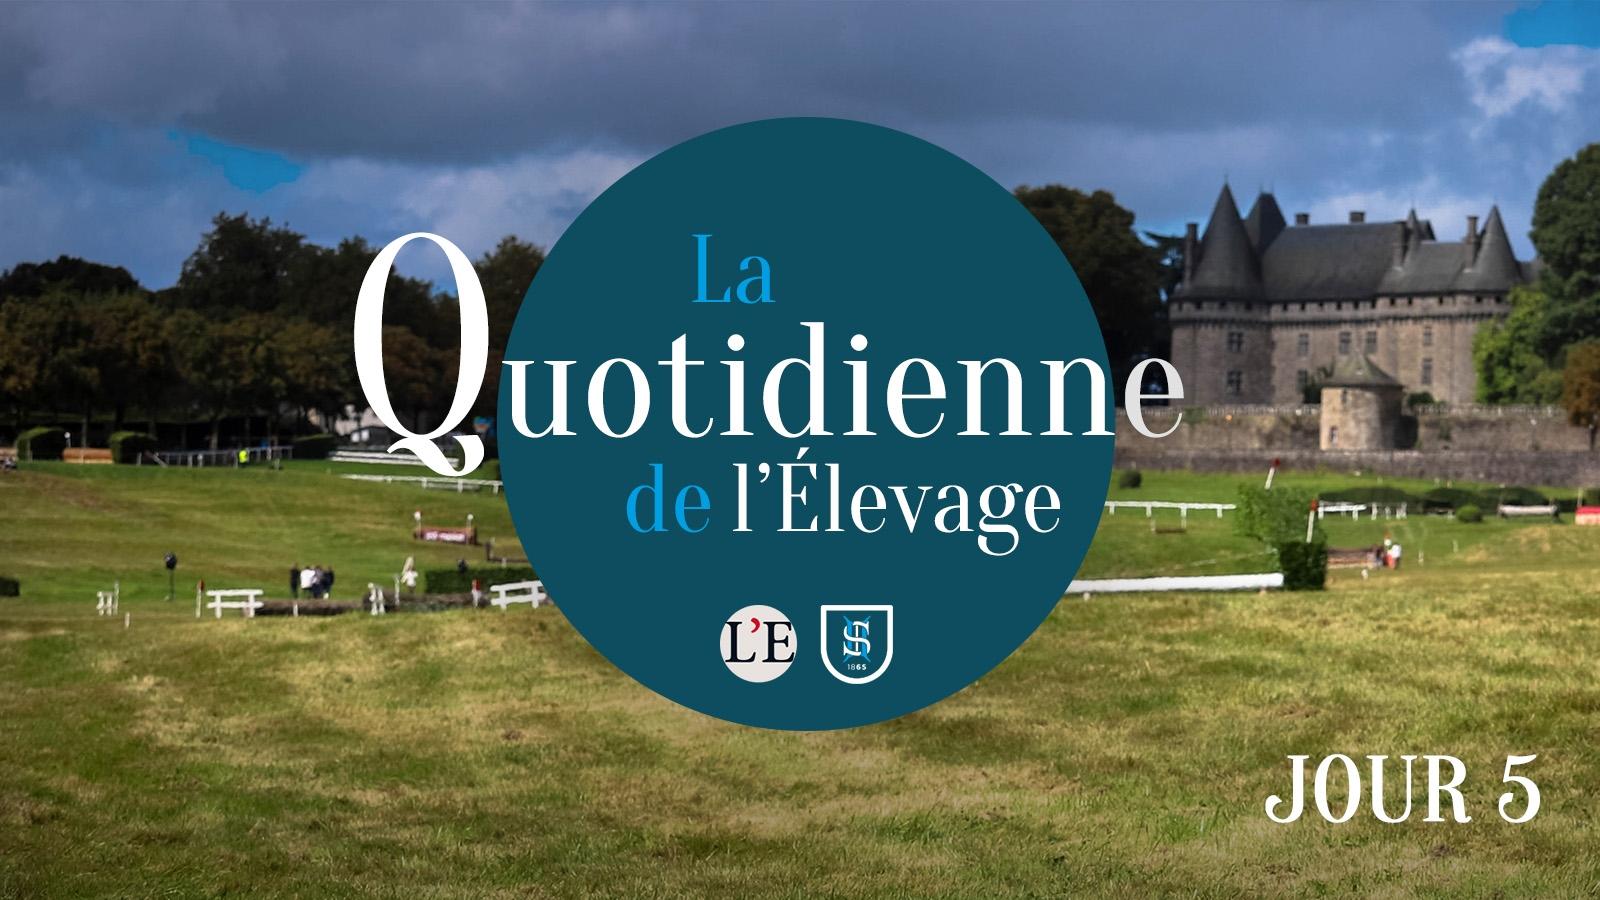 Lire l'acutalité Rencontre avec Nicolas Touzaint, Champion qu'on ne présente plus et focus sur...